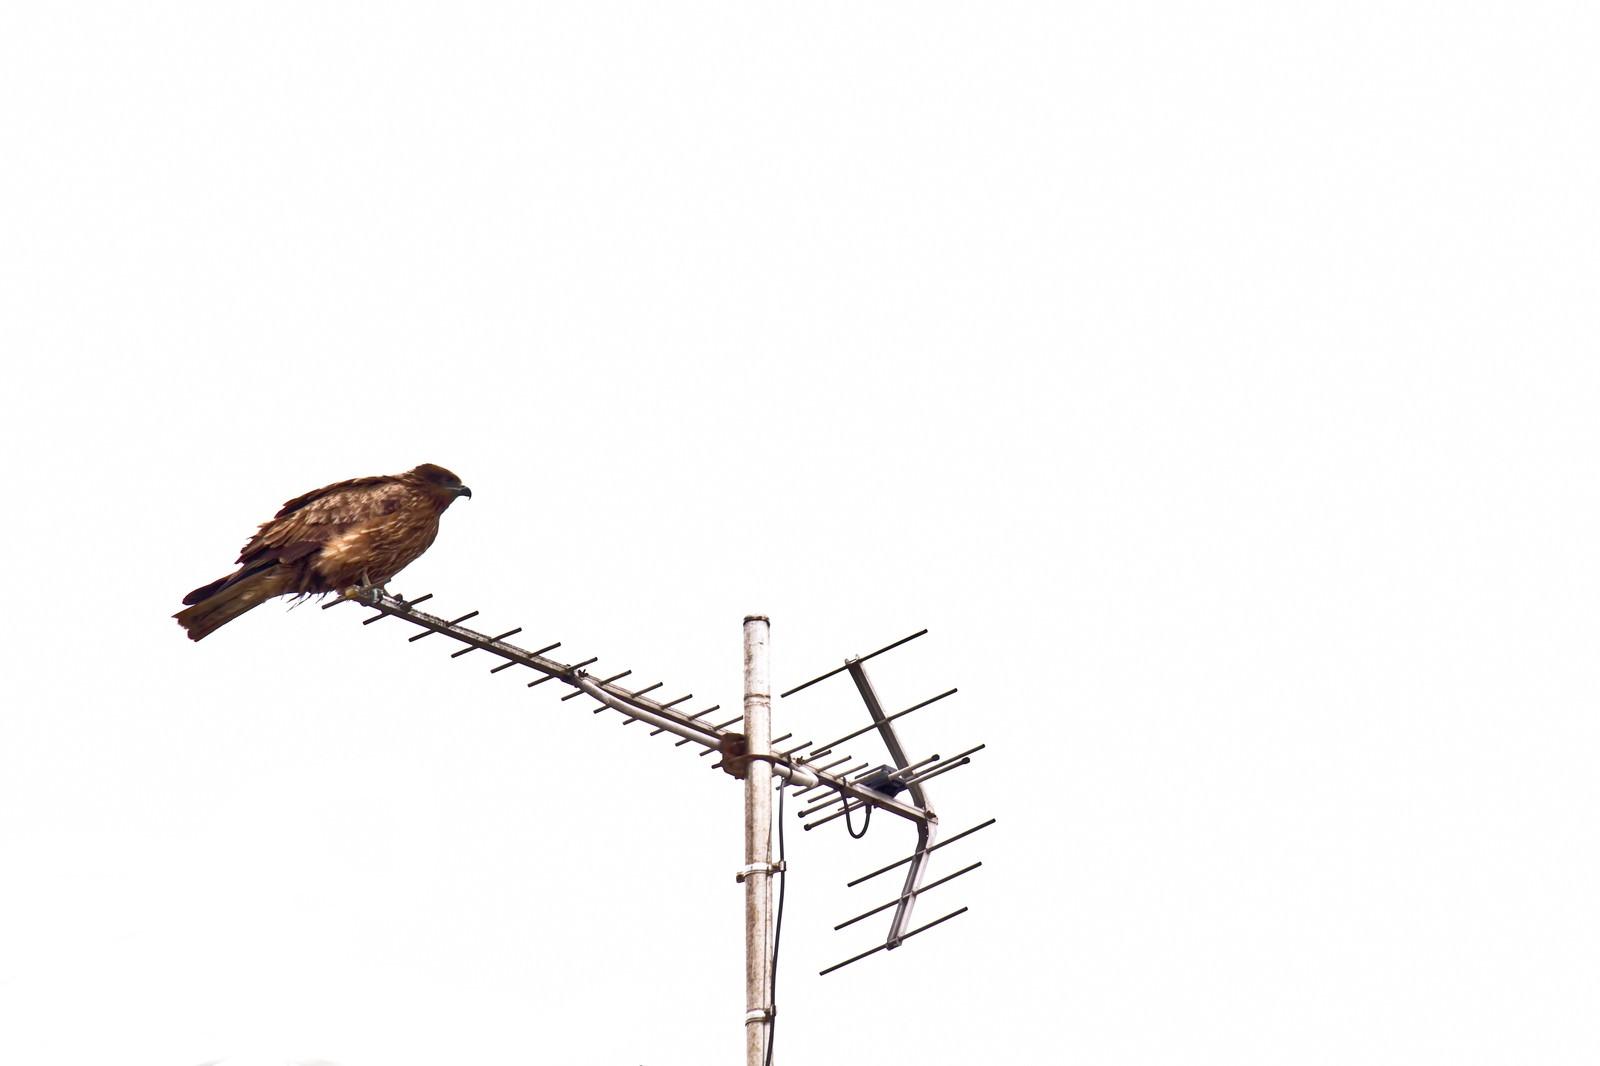 「アンテナにとまる鷹」の写真